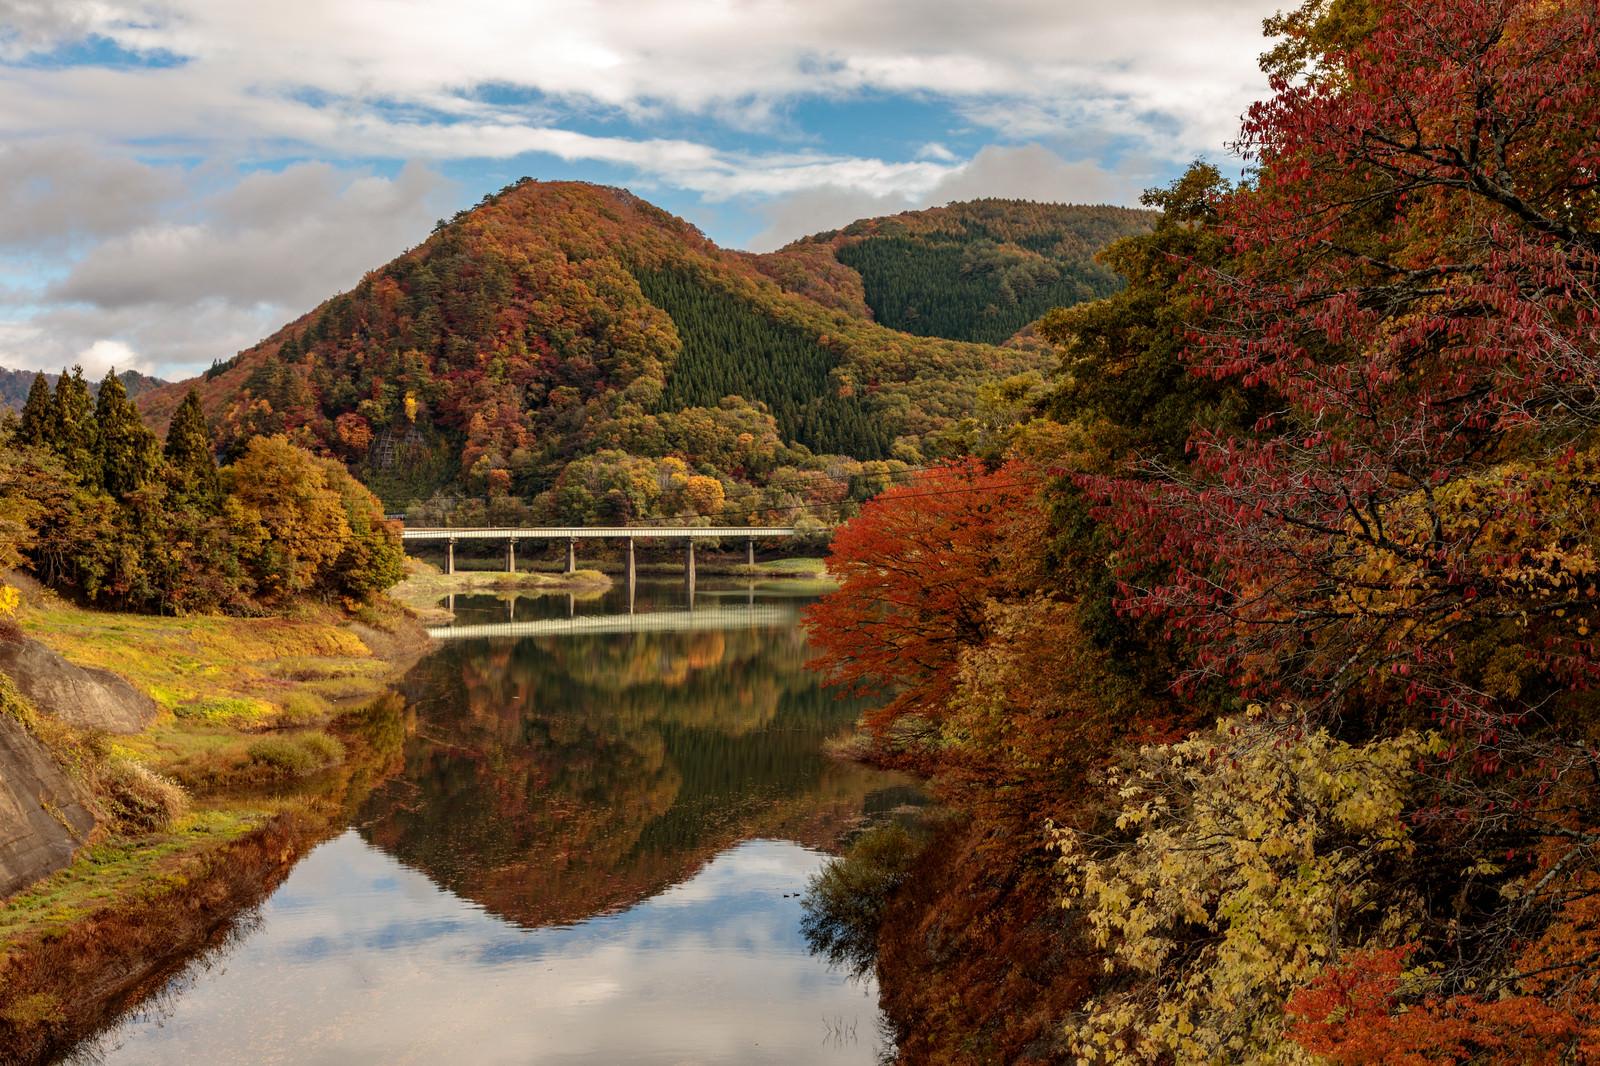 「紅葉した木々とダム湖に反射する山々と鉄橋」の写真